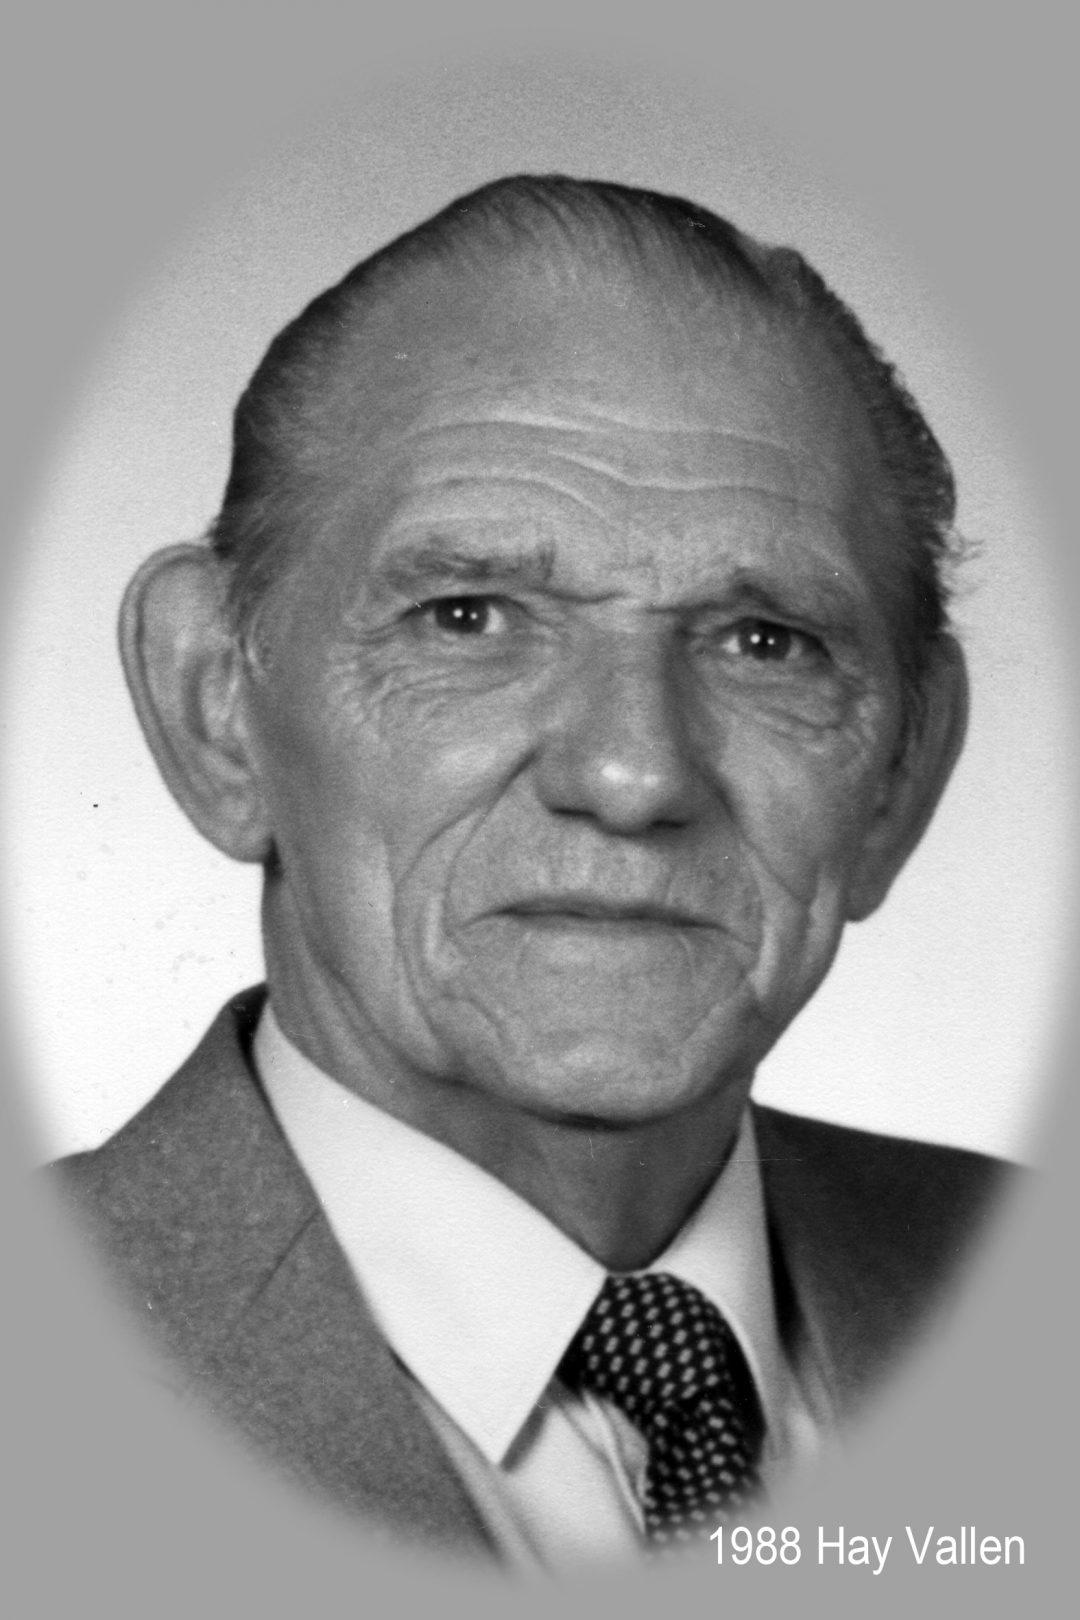 1988 – Hay Vallen